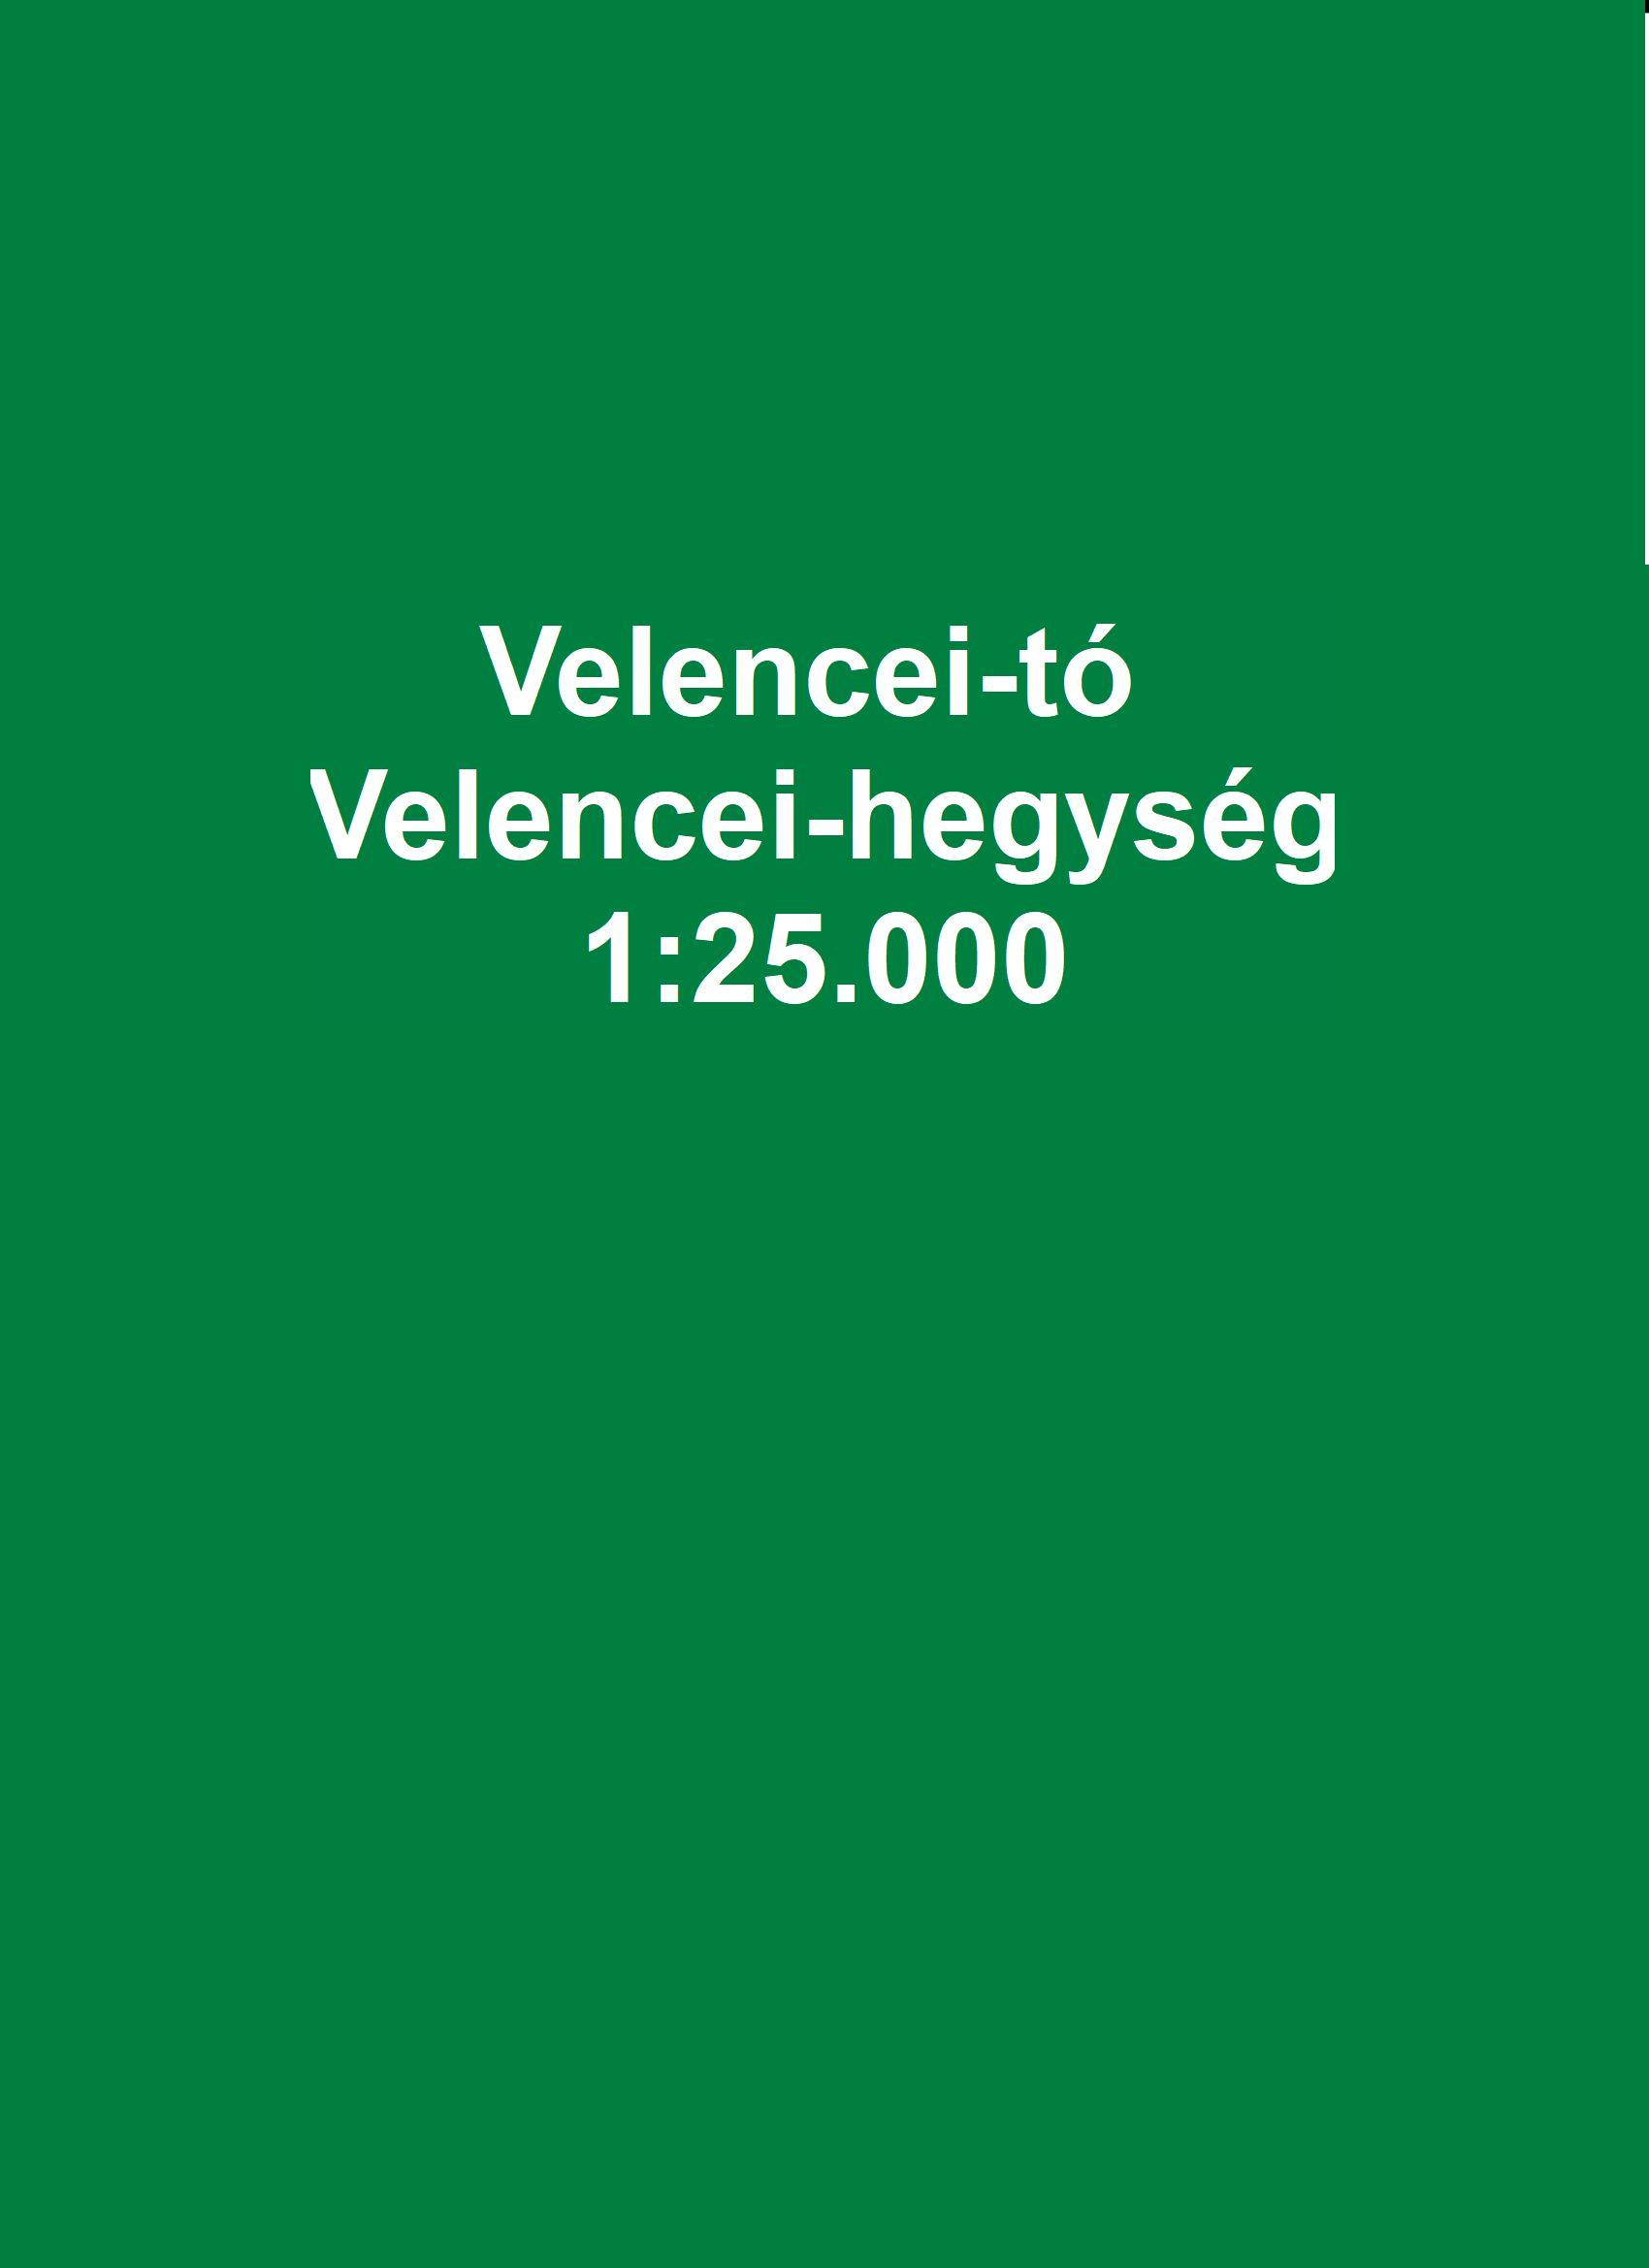 Cartographia: Velencei-tó / Velencei-hegység részletes várostérképekkel